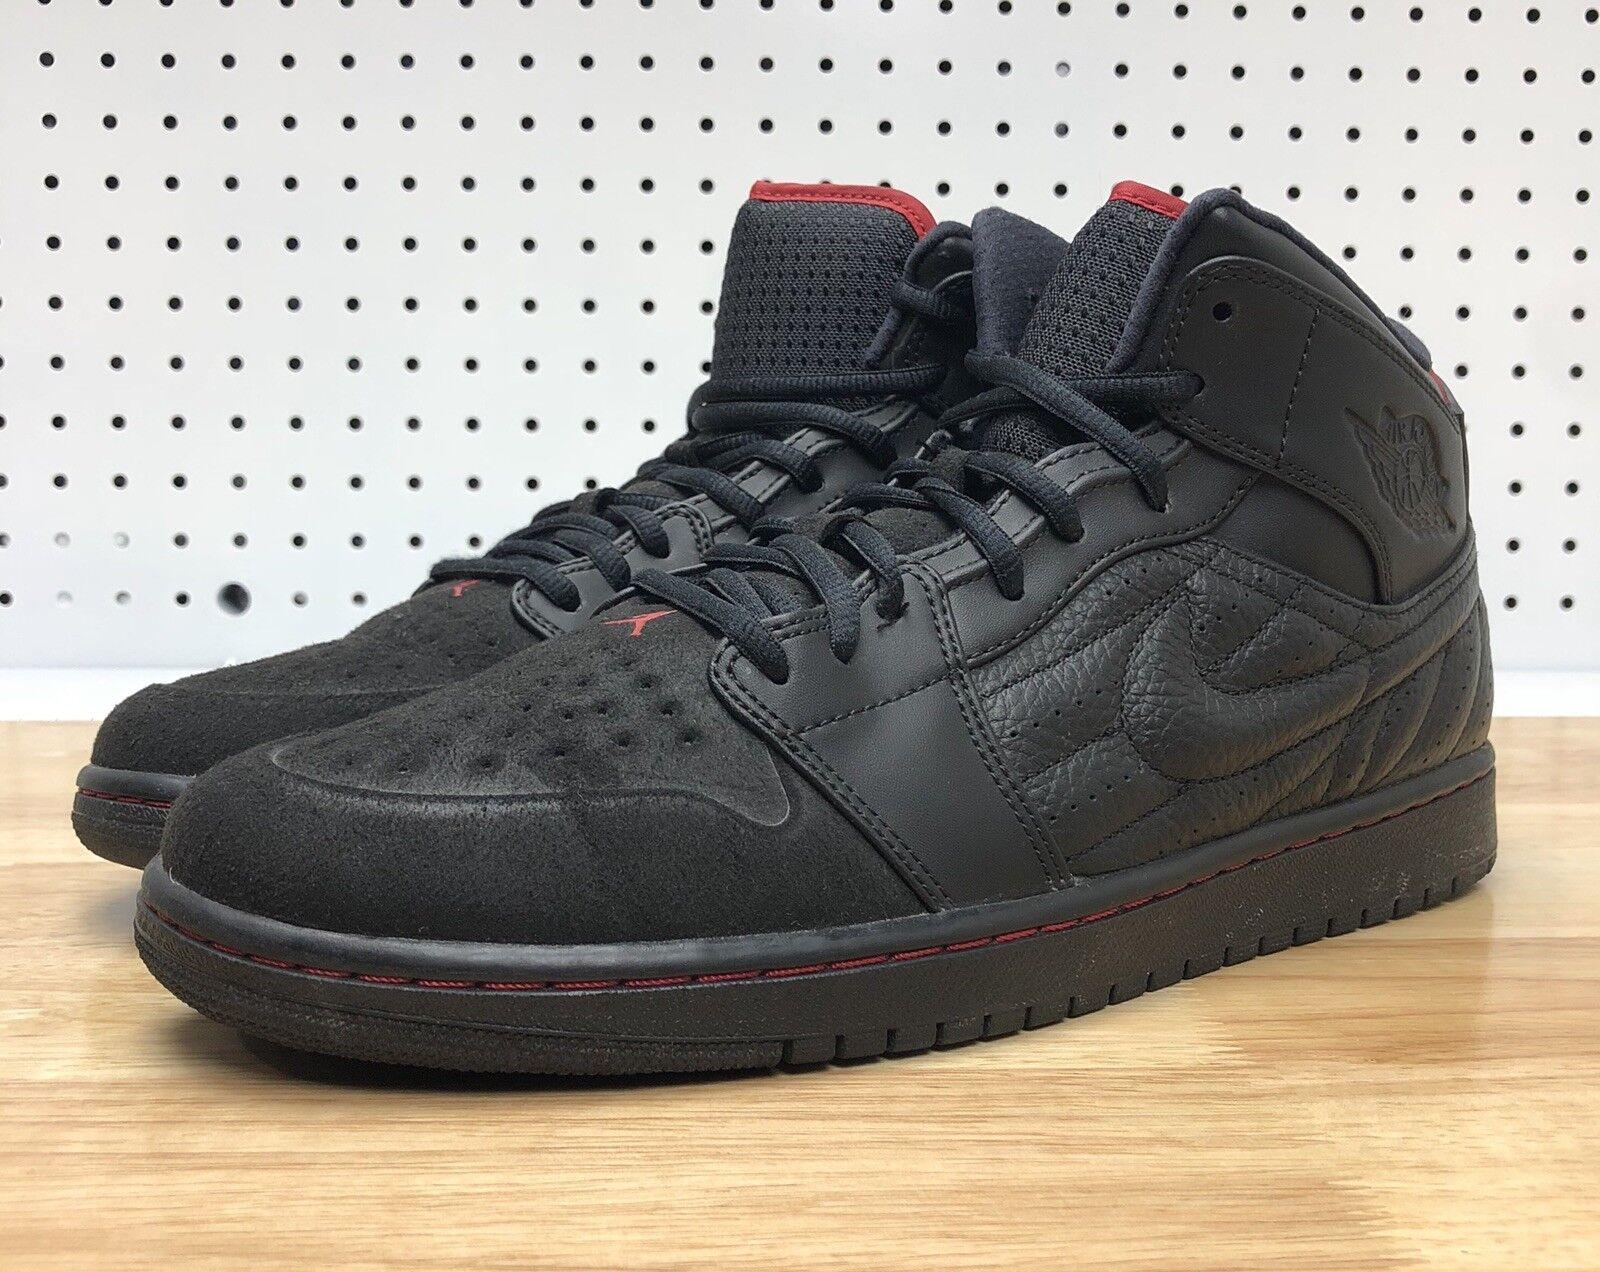 af92d890d9 Air Jordan 99 Shot Bred Playoff Black Gym size 11 Basketball shoes Sneake  Last ntjvgg2801-Athletic Shoes